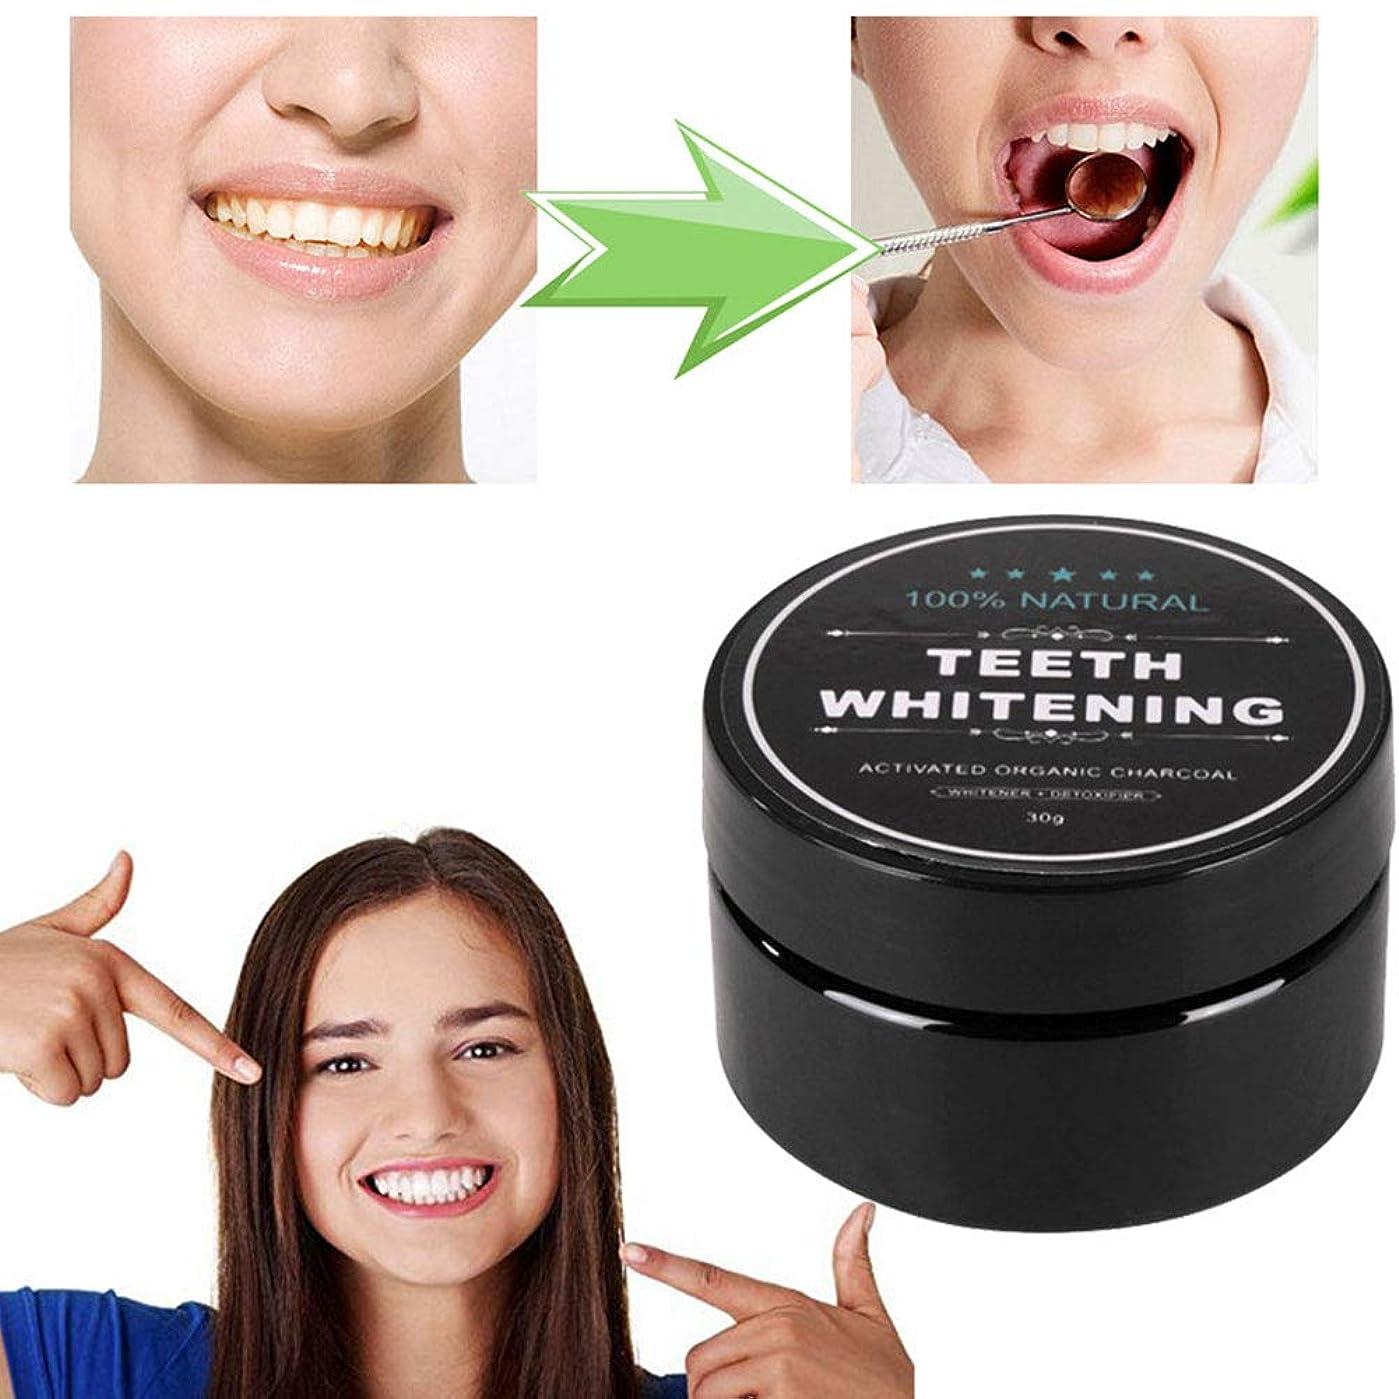 セミナークライストチャーチおもしろいFrifer歯を白くする 活性炭ホワイトニング コーヒー?タバコ?ワインによる黄ばみを取り除く